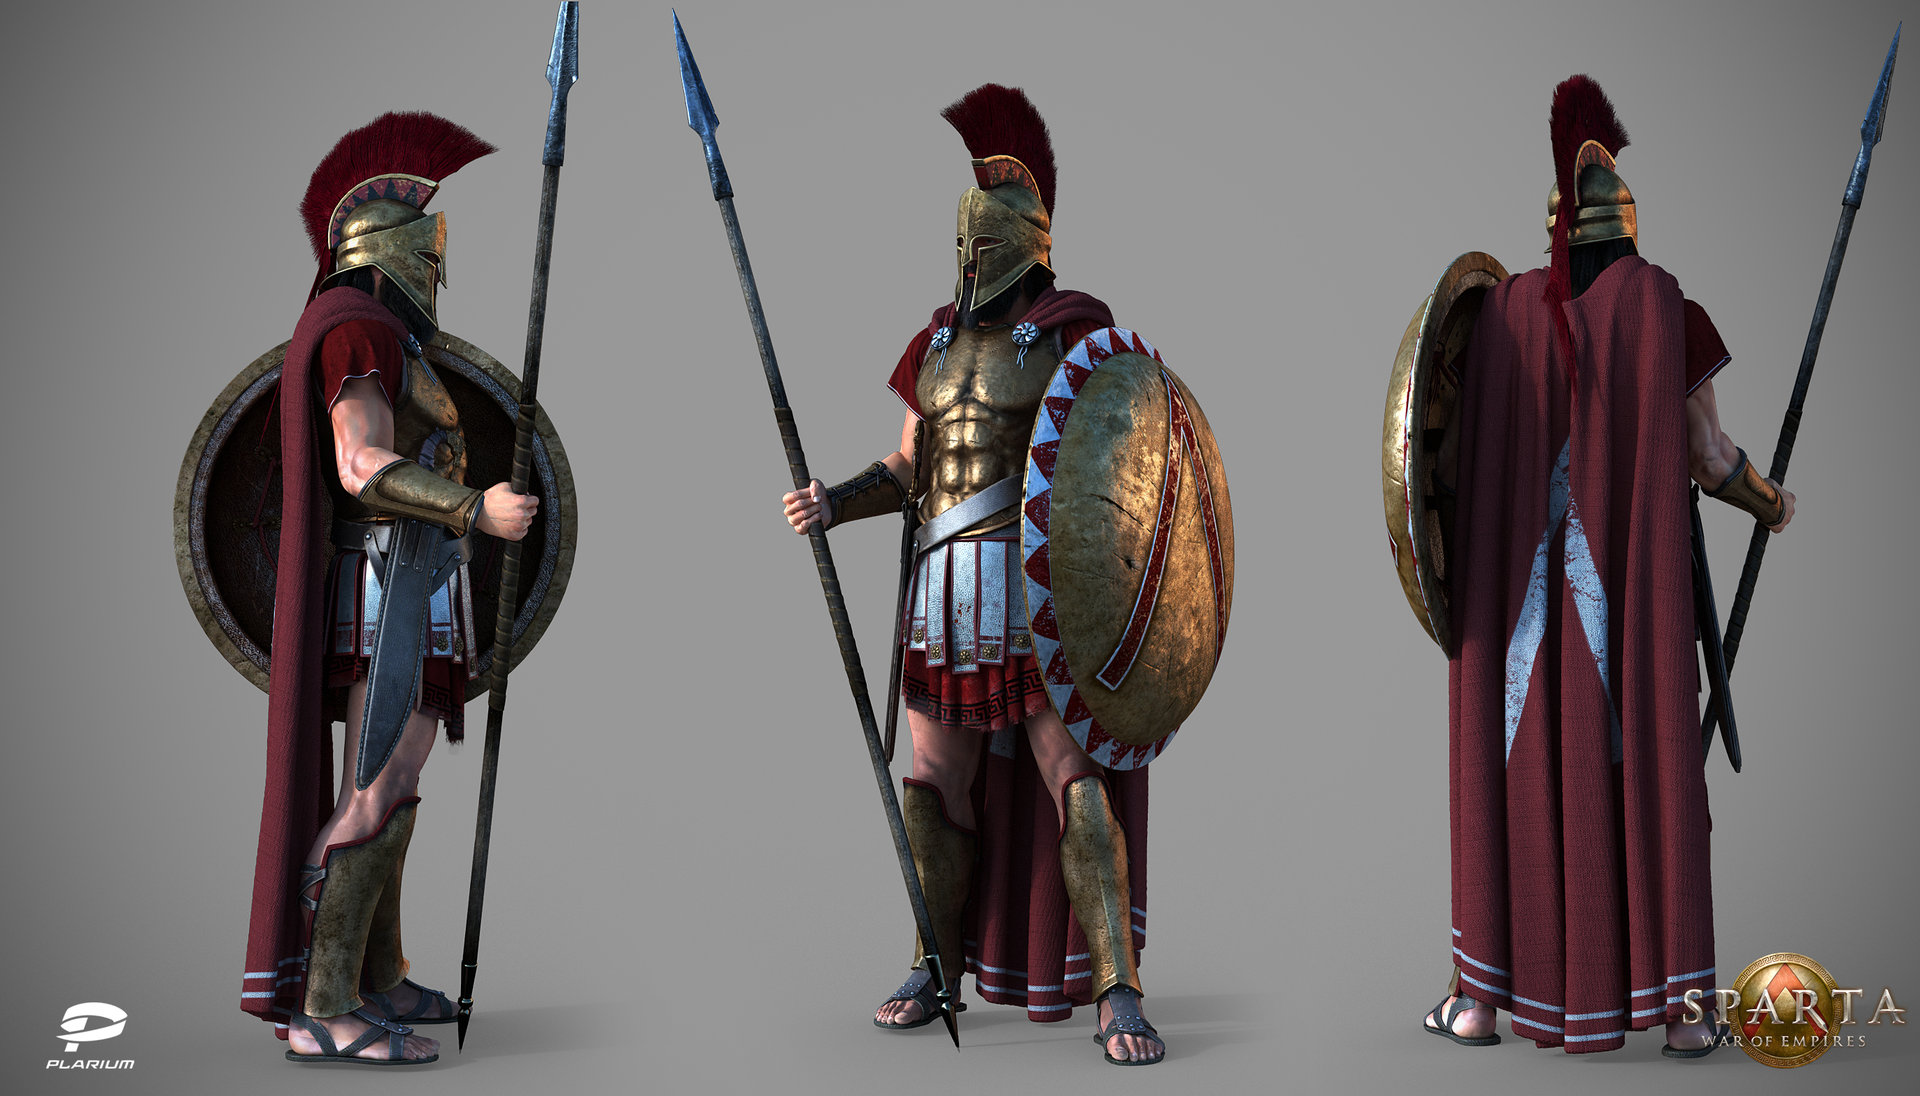 ArtStation - Sparta: Hoplite, Vladimir Silkin